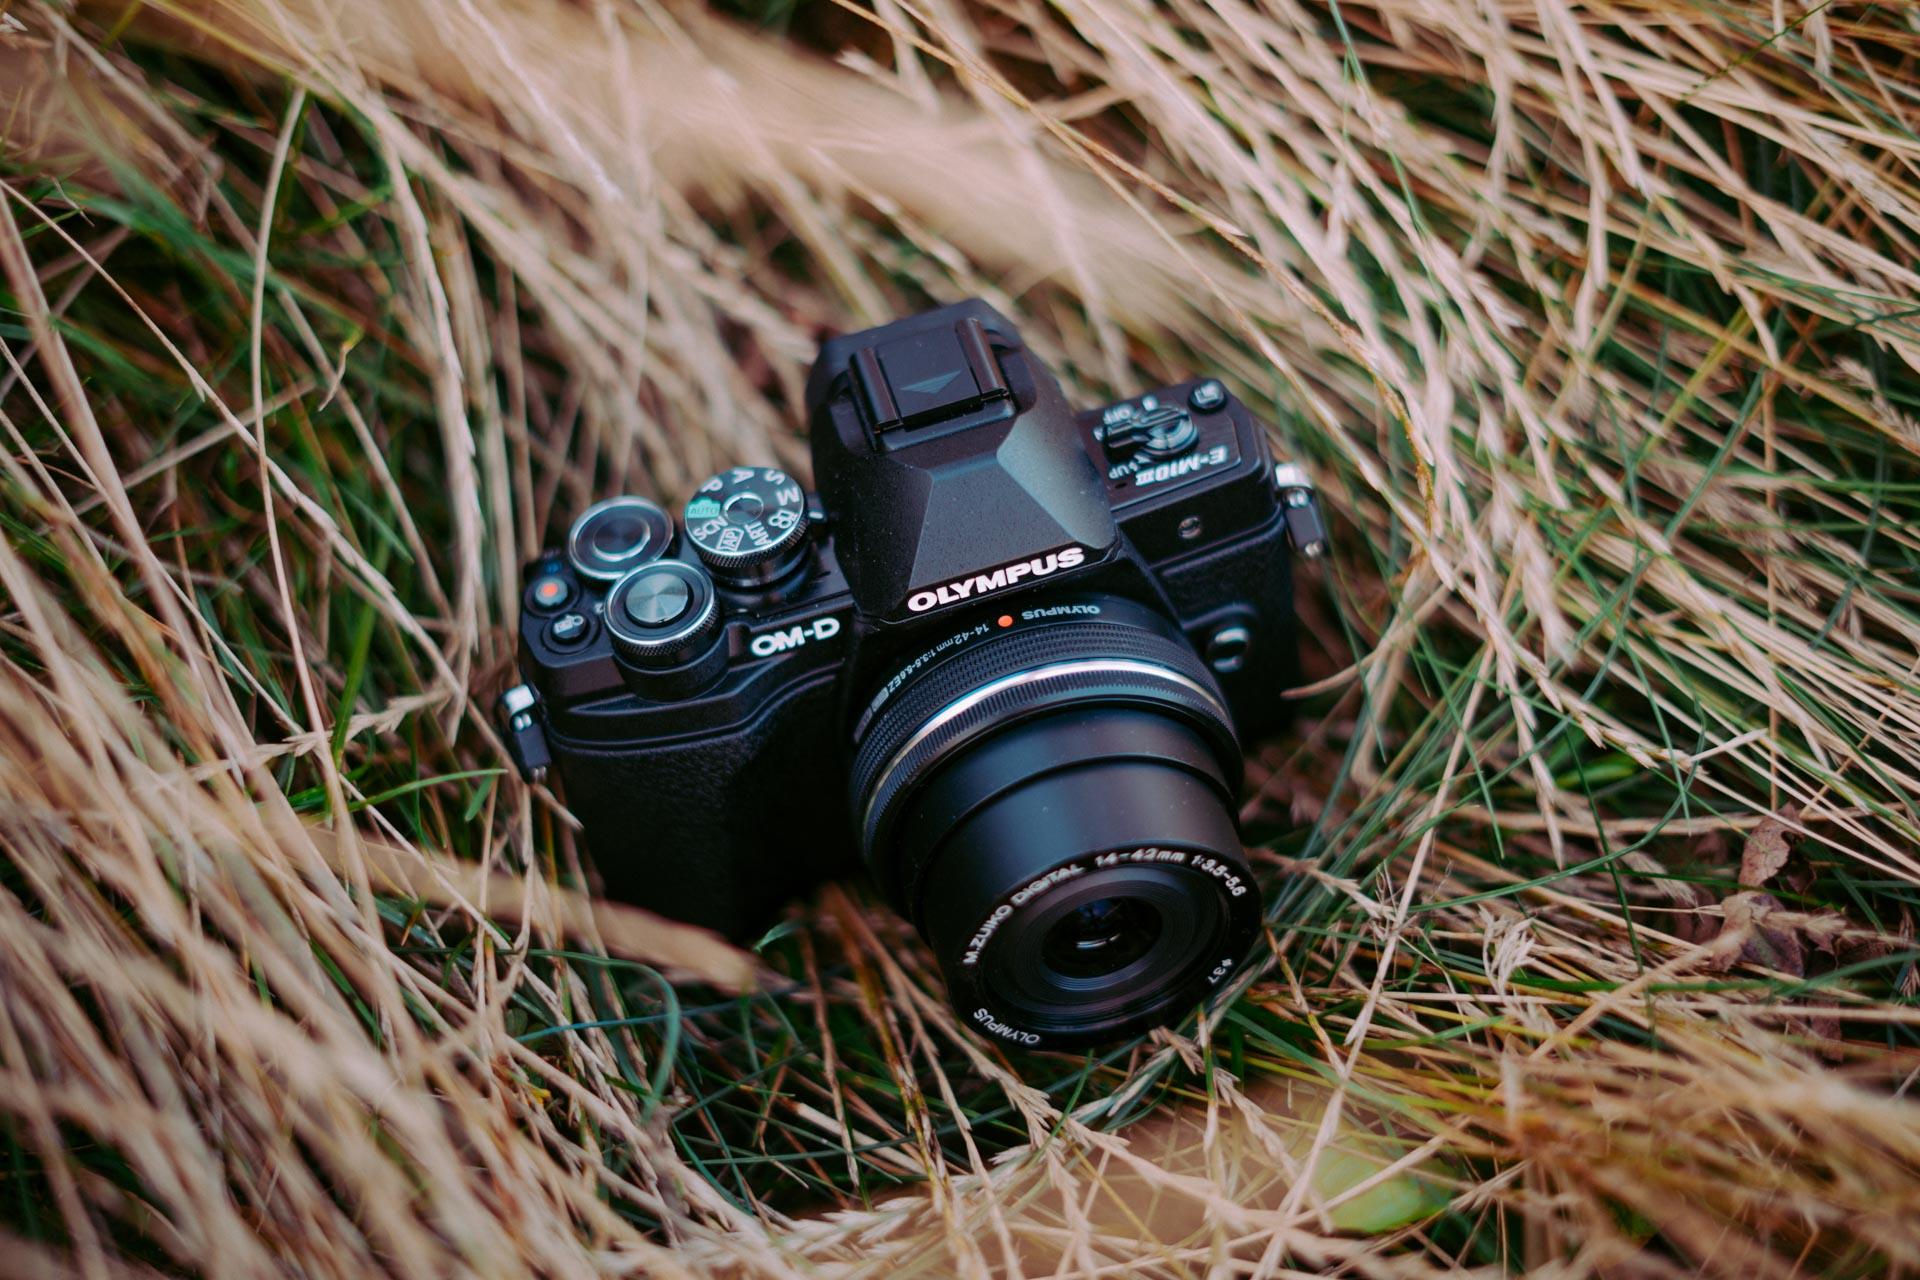 Jaki aparat do 2000 zł?